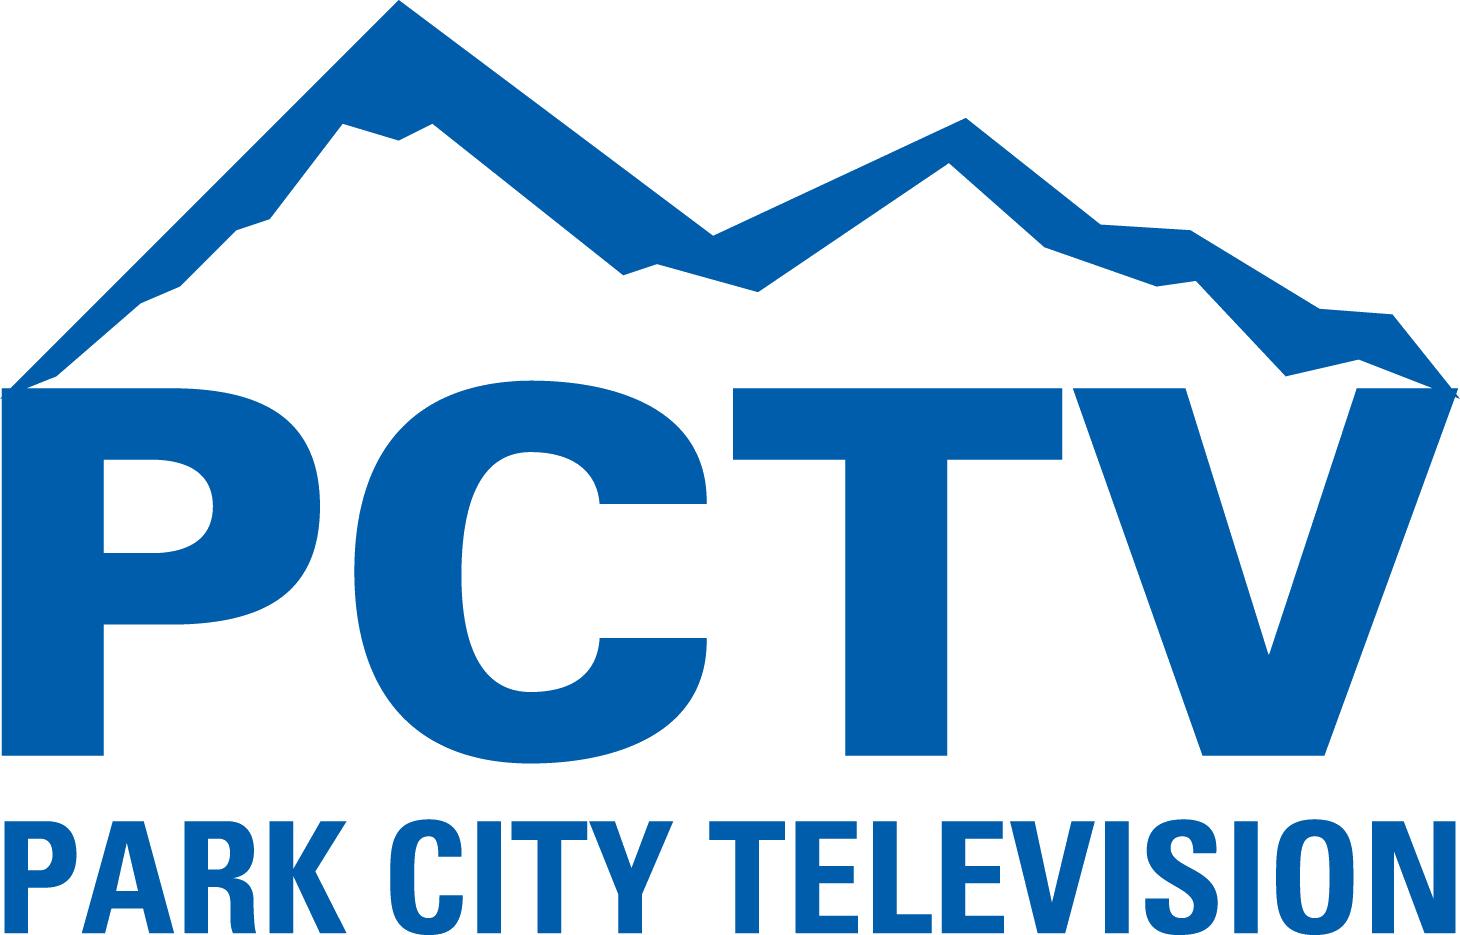 PCTV_trans.png